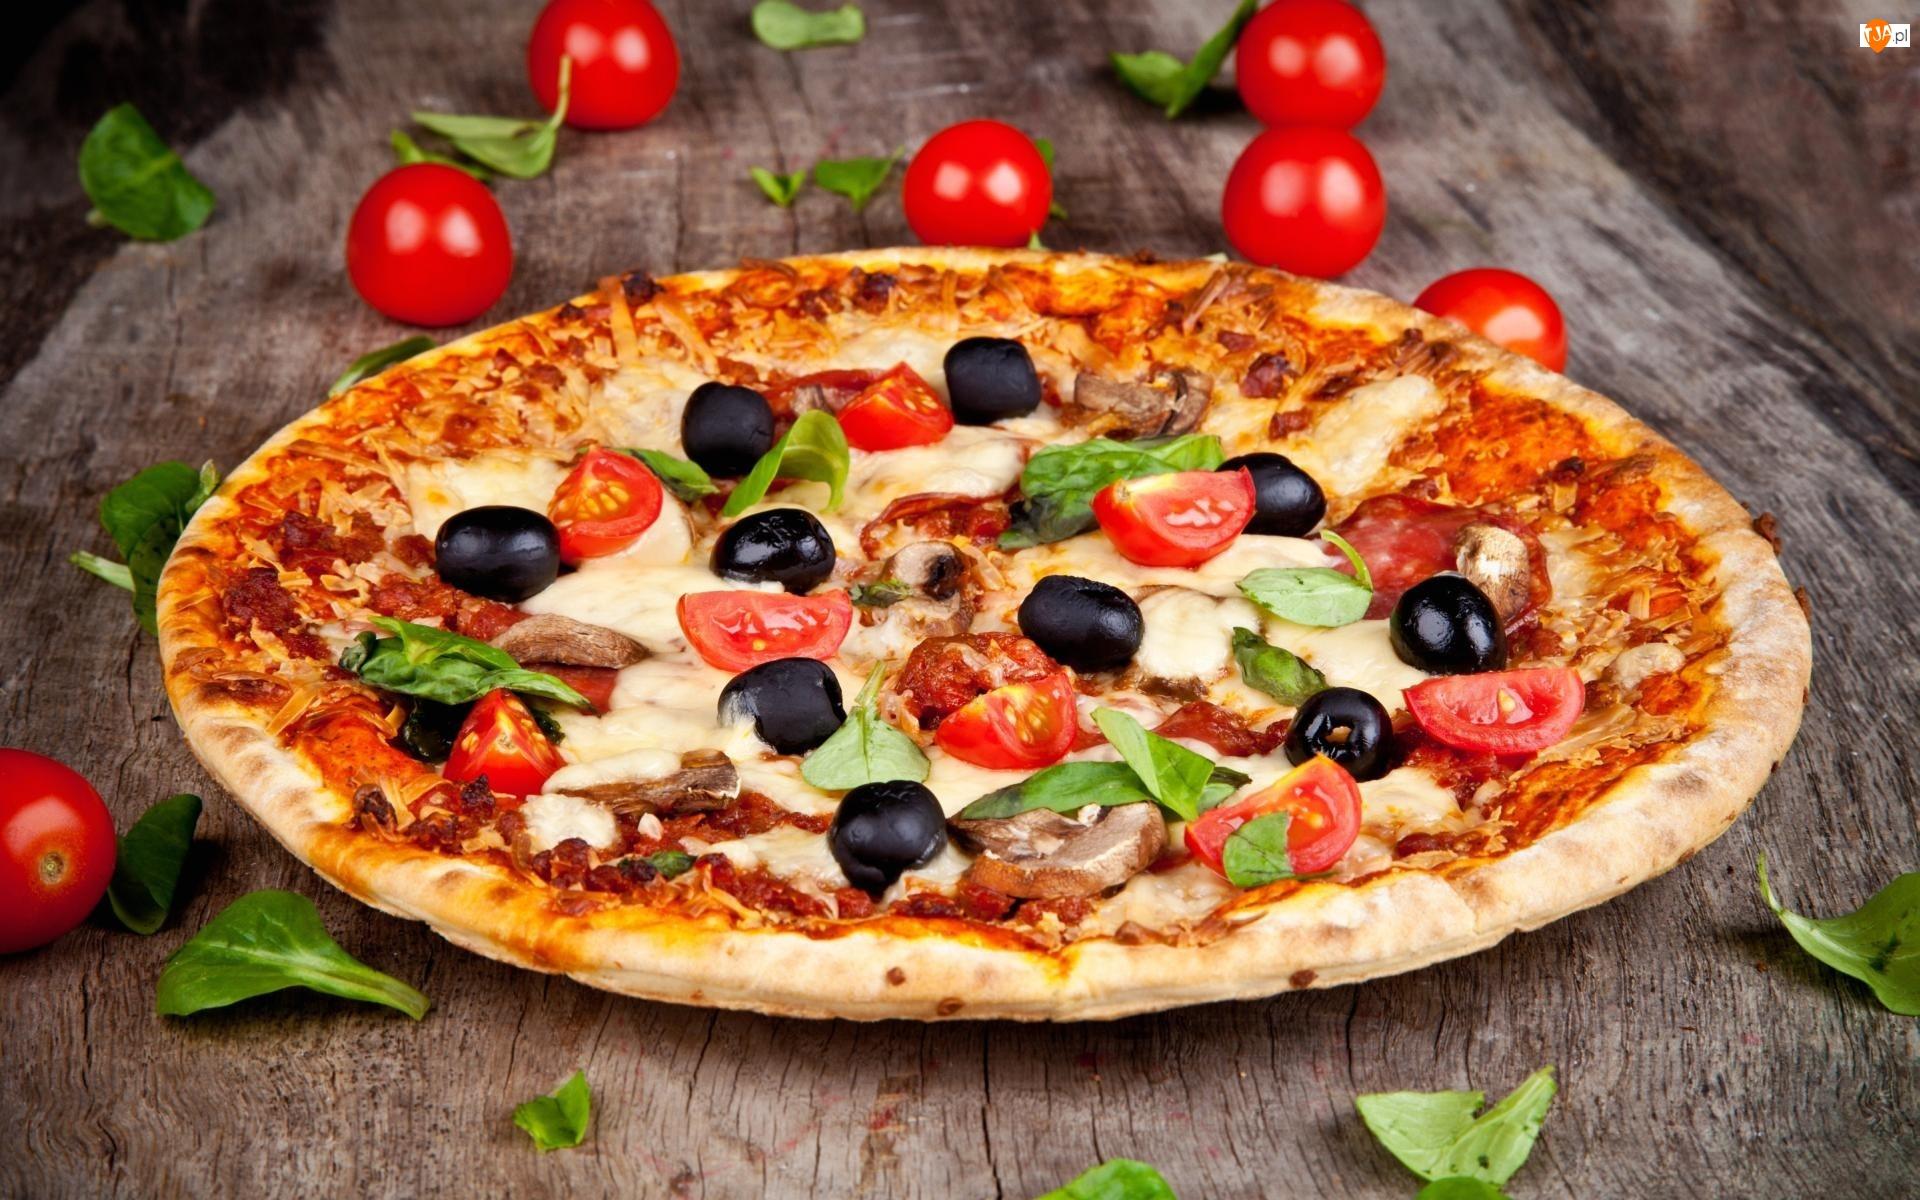 Oliwki, Listki, Stół, Oregano, Pizza, Pomidorki